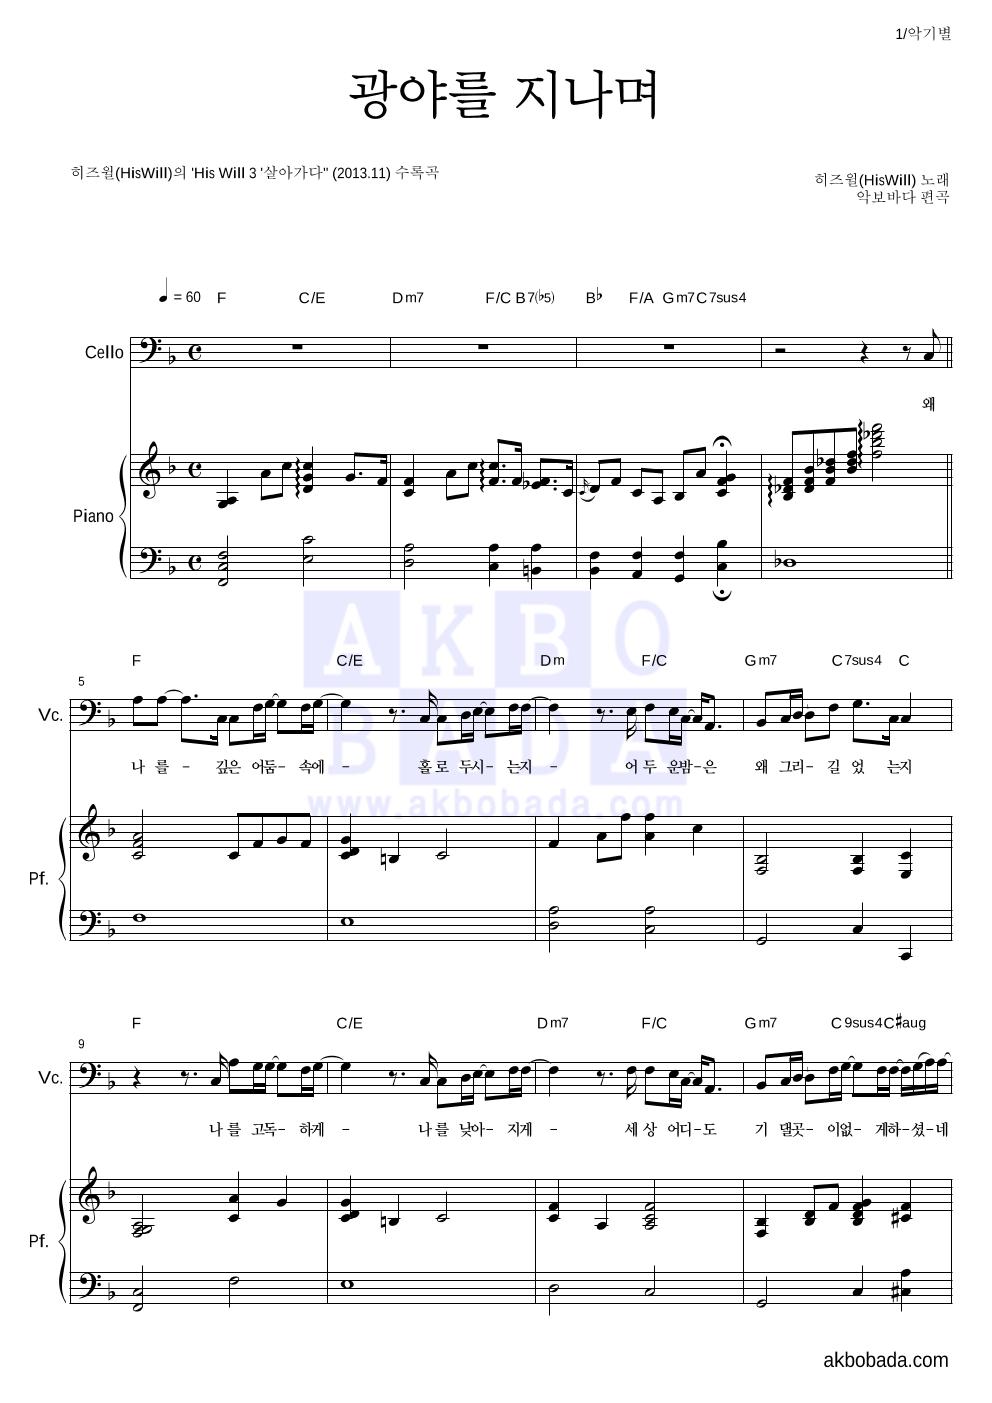 히즈윌 - 광야를 지나며 첼로&피아노 악보